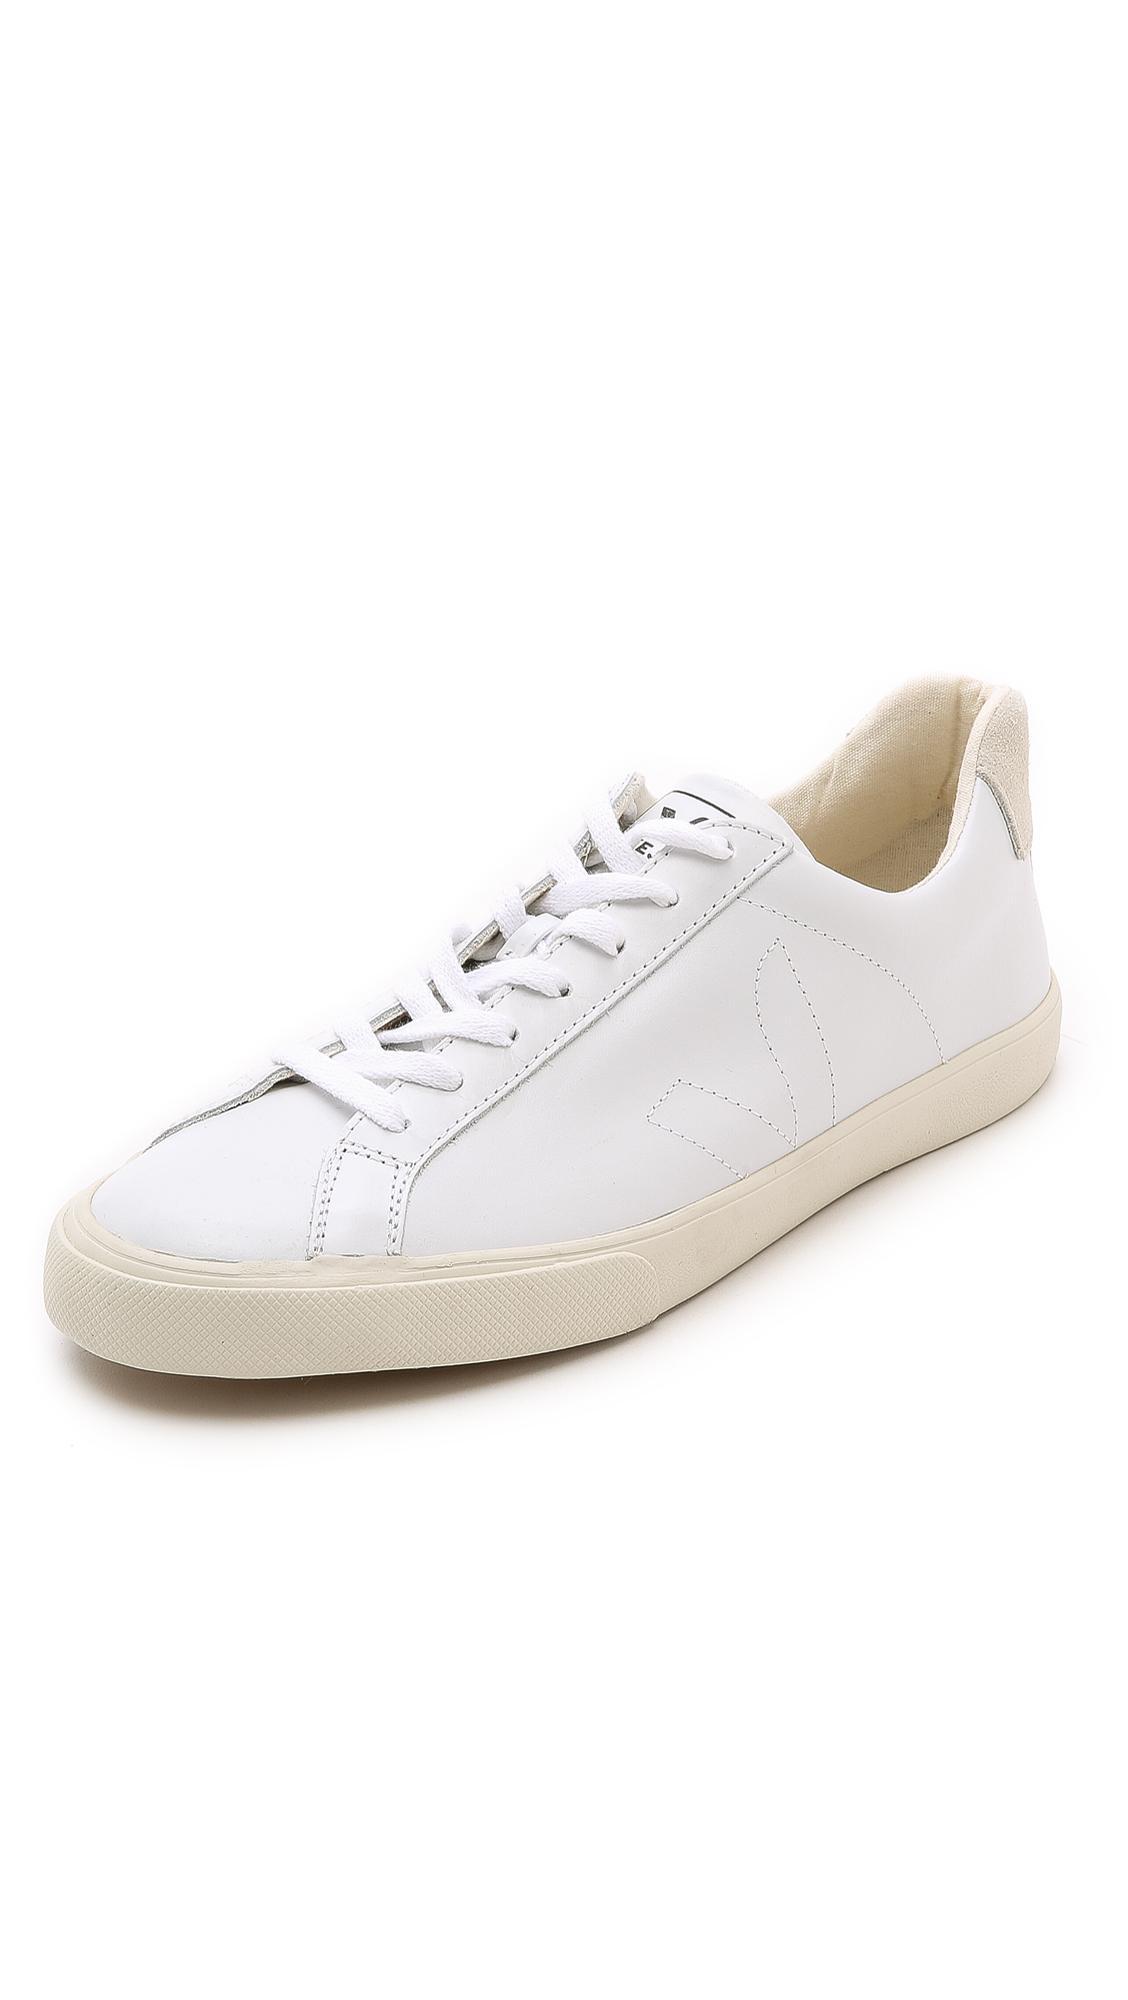 Veja Shoes Sizing